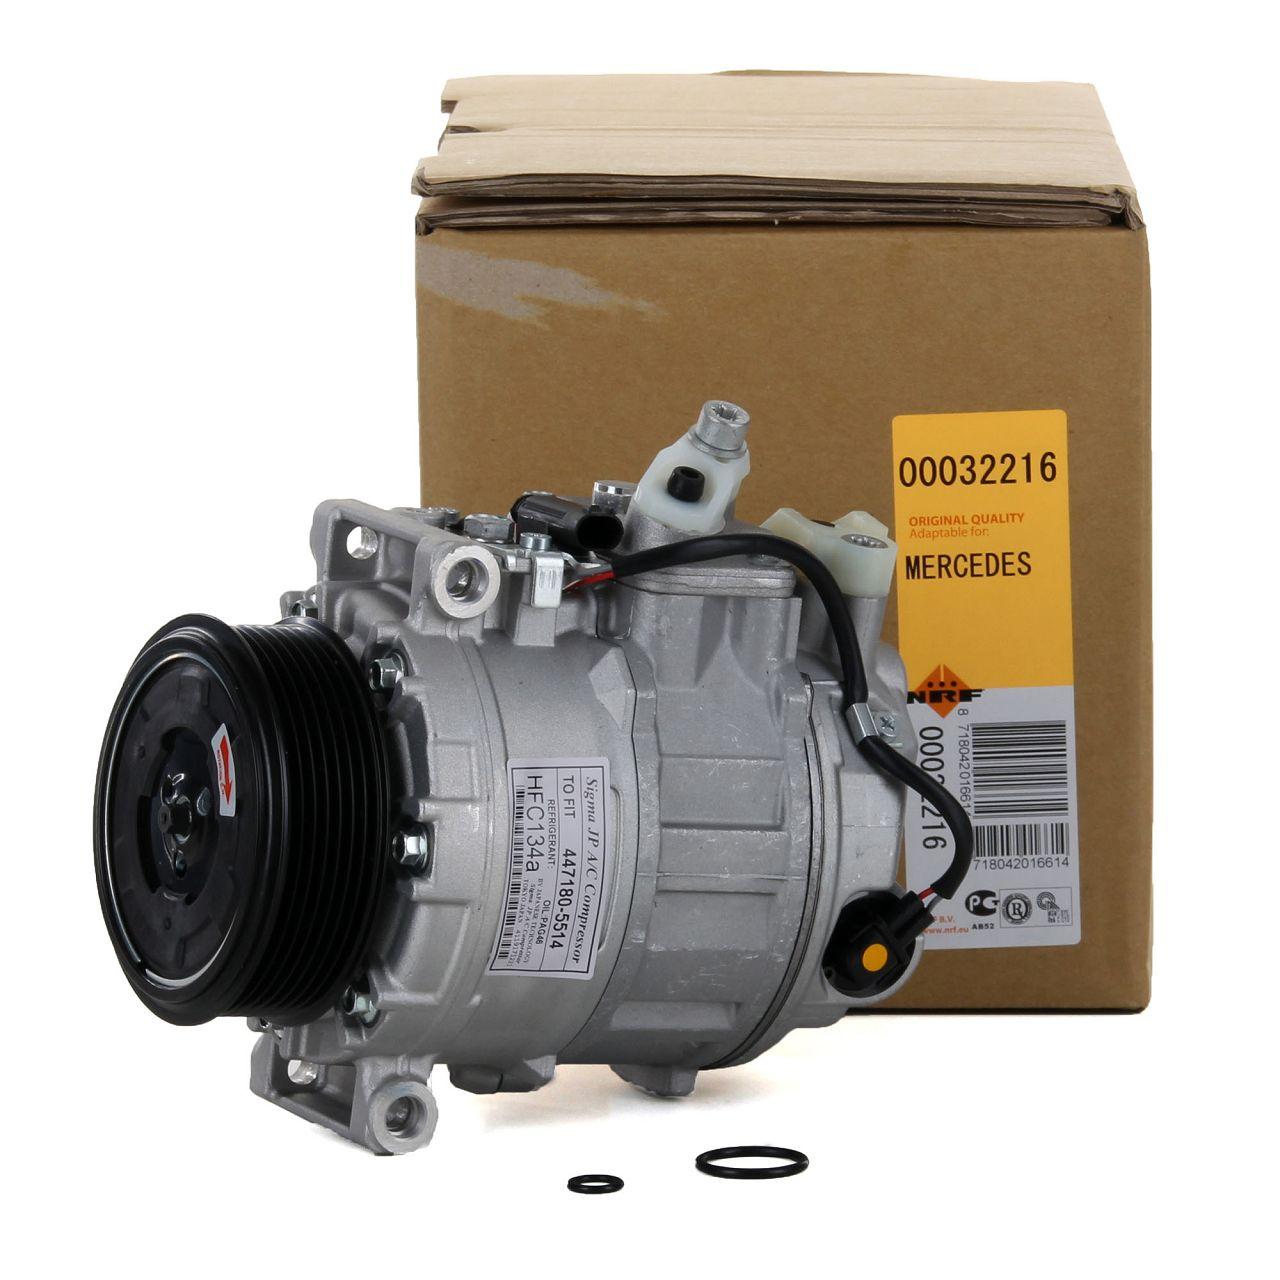 NRF 32216 Kompressor Klimaanlage EASY FIT für MERCEDES W203 W211 W163 W220 W221